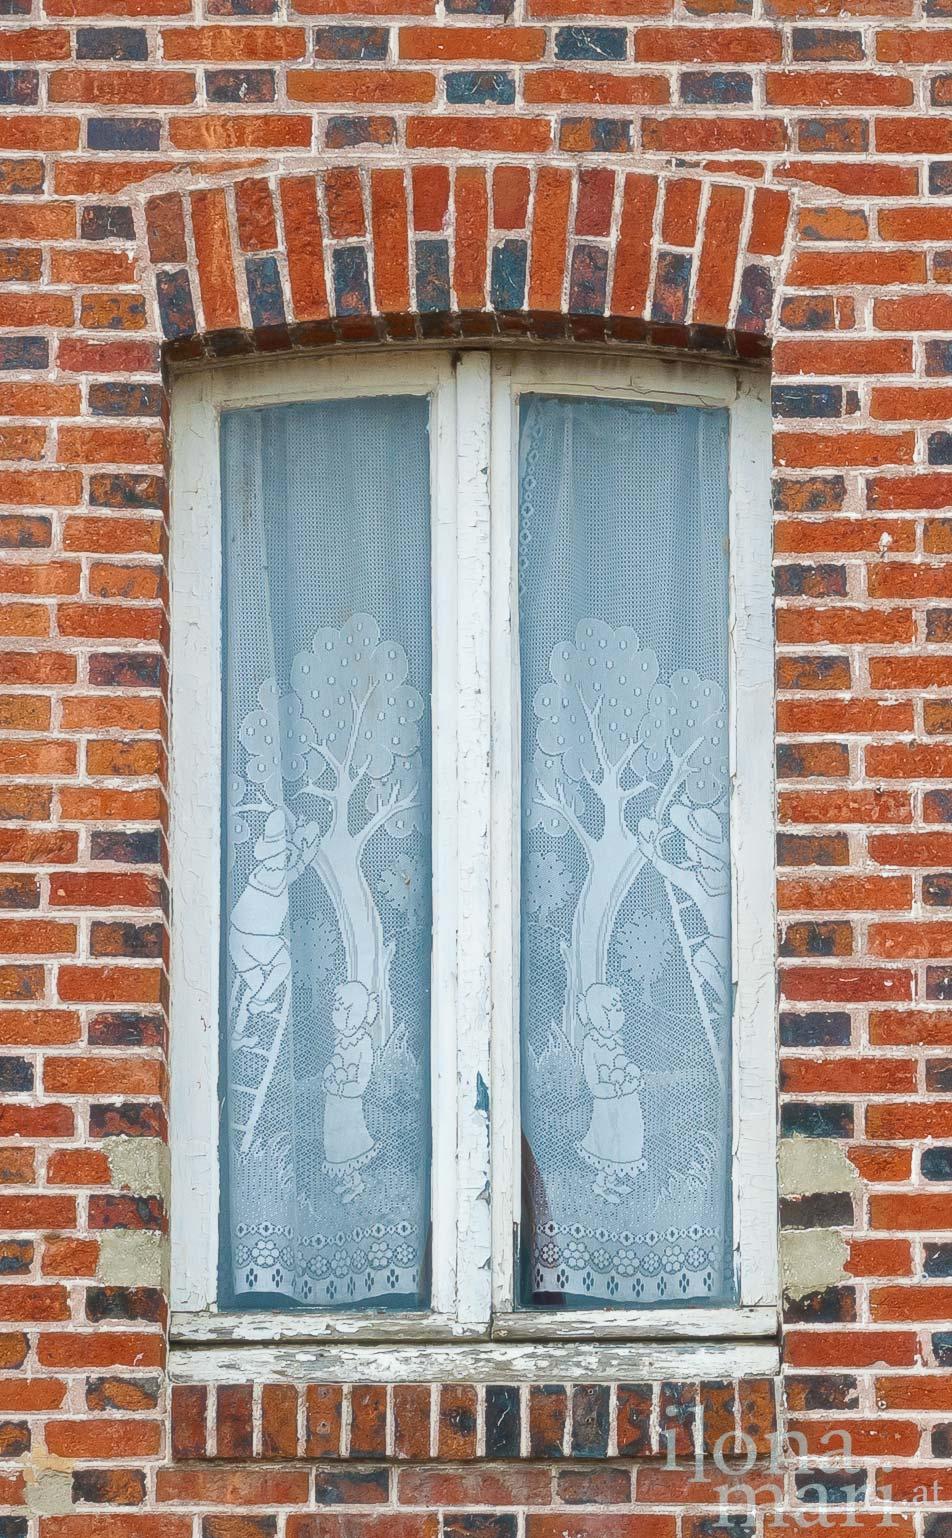 Gardine in einem alten Haus von Beuvron-en-Auge, in der Normandie